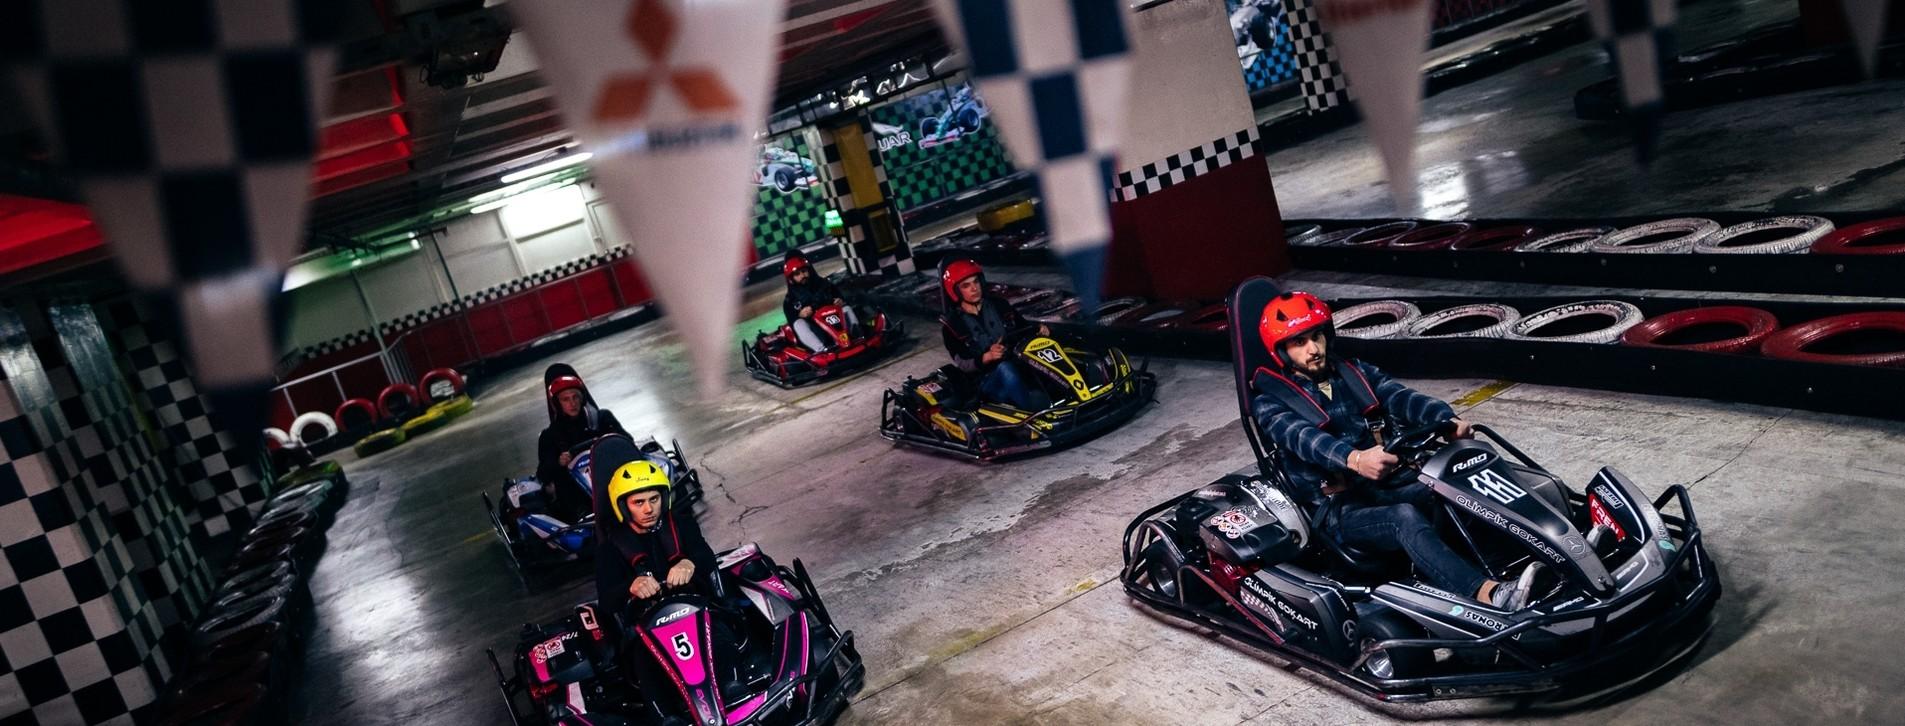 Fotoğraf 1 - Arkadaş Grubu için Karting